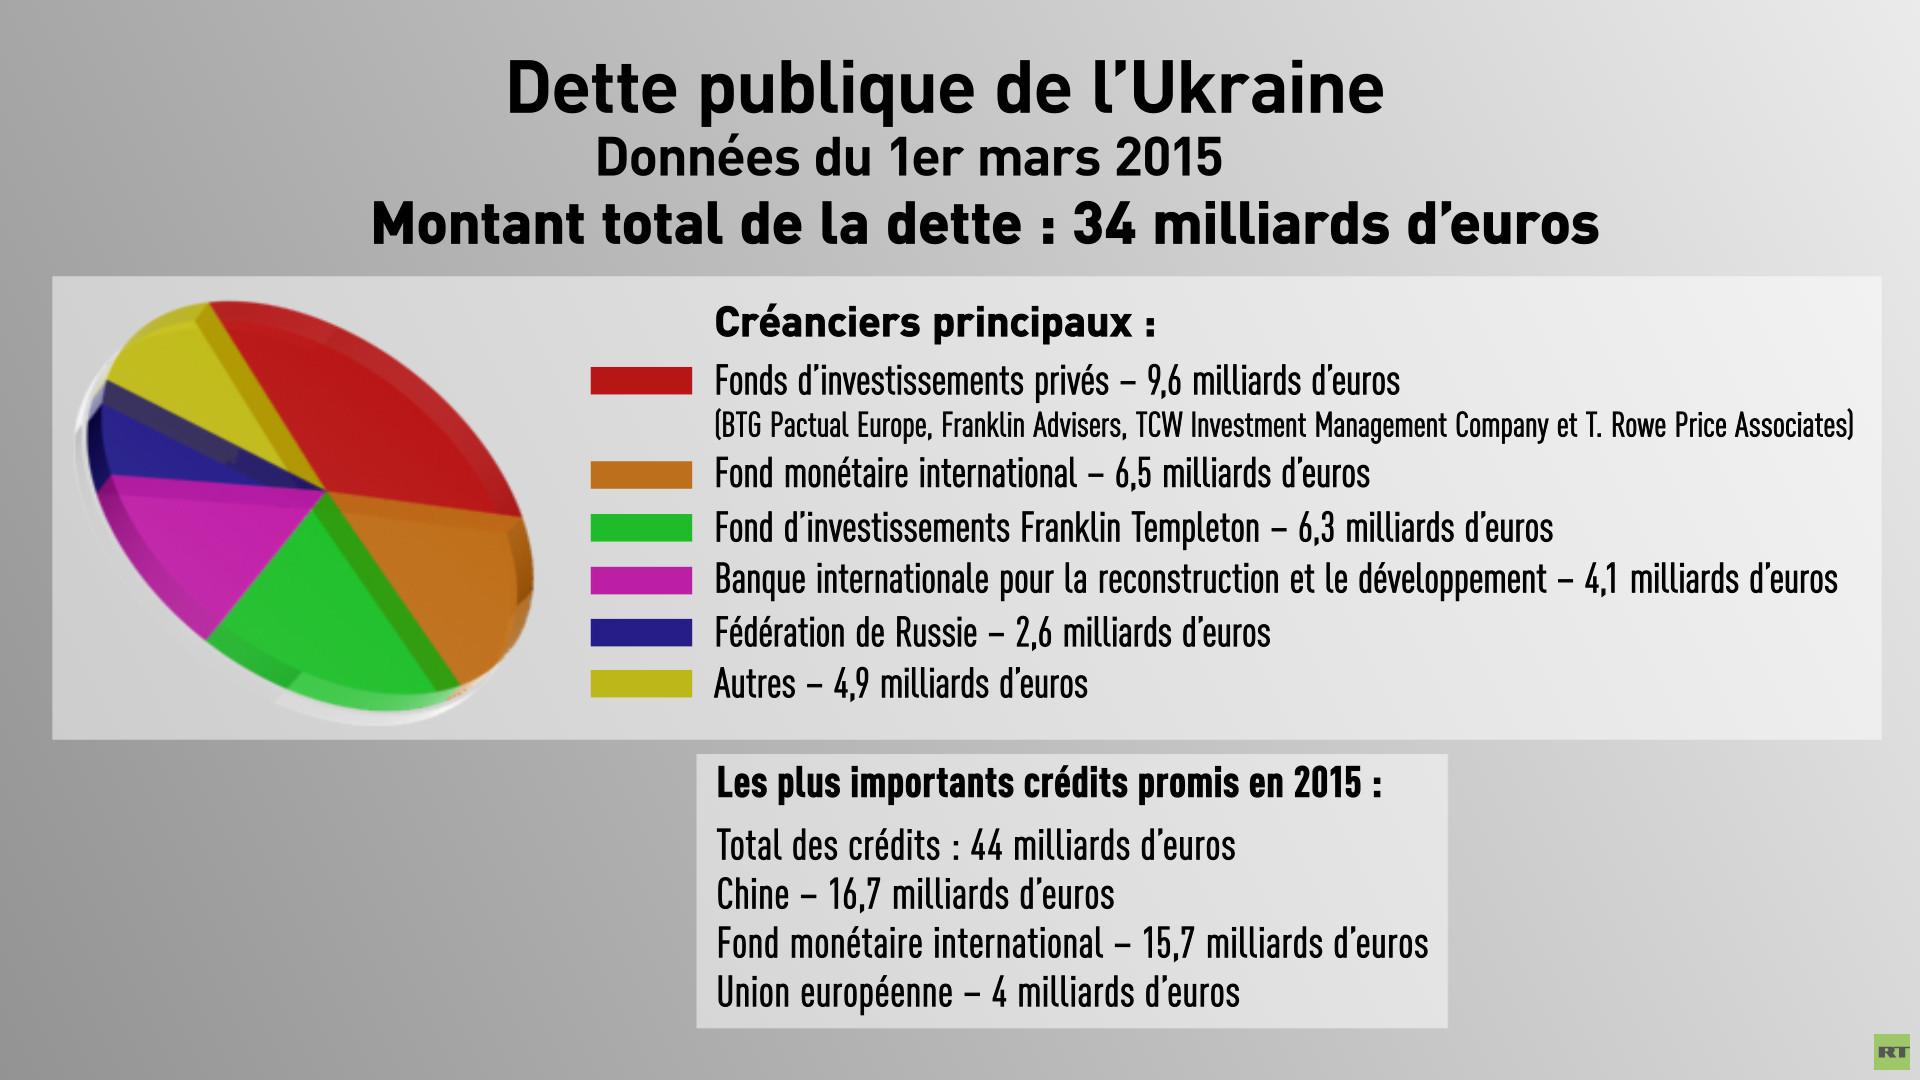 Vladimir Poutine : Moscou cherche à comprendre les intentions de l'Ukraine concernant le moratoire